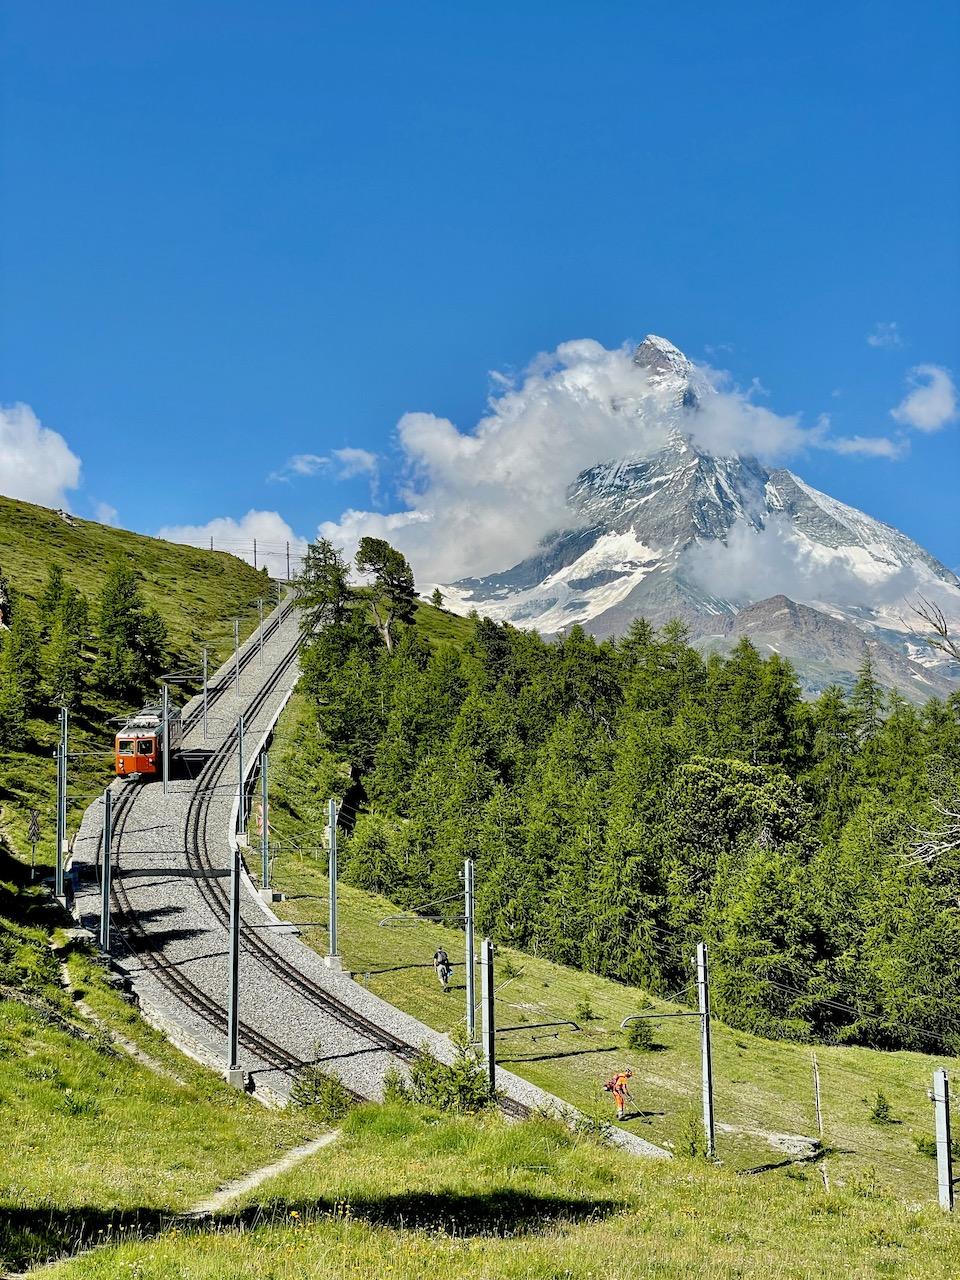 Train and the Matterhorn